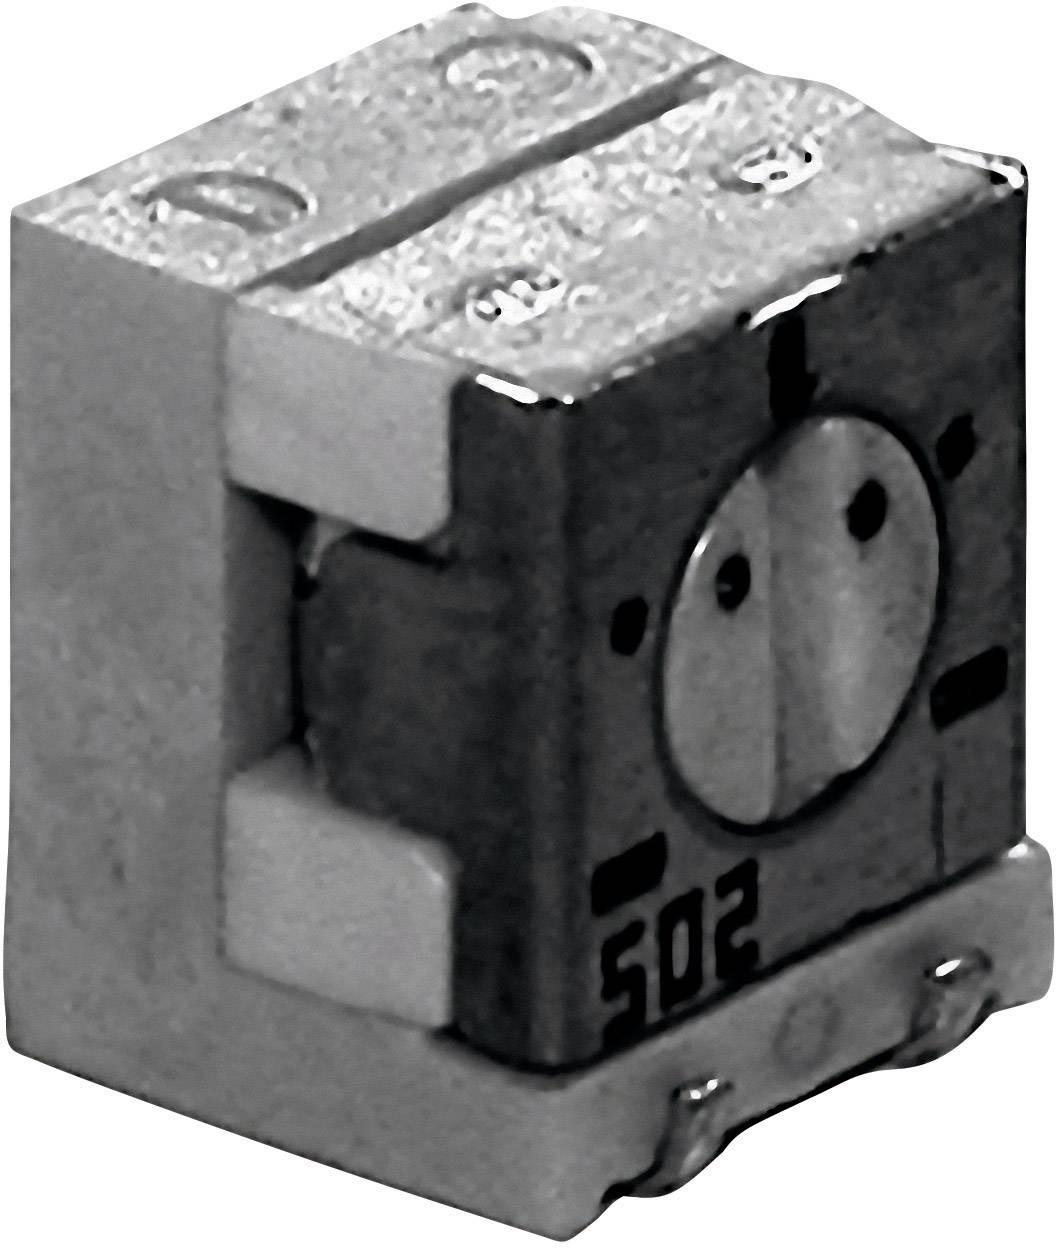 SMD trimr cermet TT Electro, ovl. boční, HC04, 2800587855, 10 kΩ, 0,25 W, ± 20 %